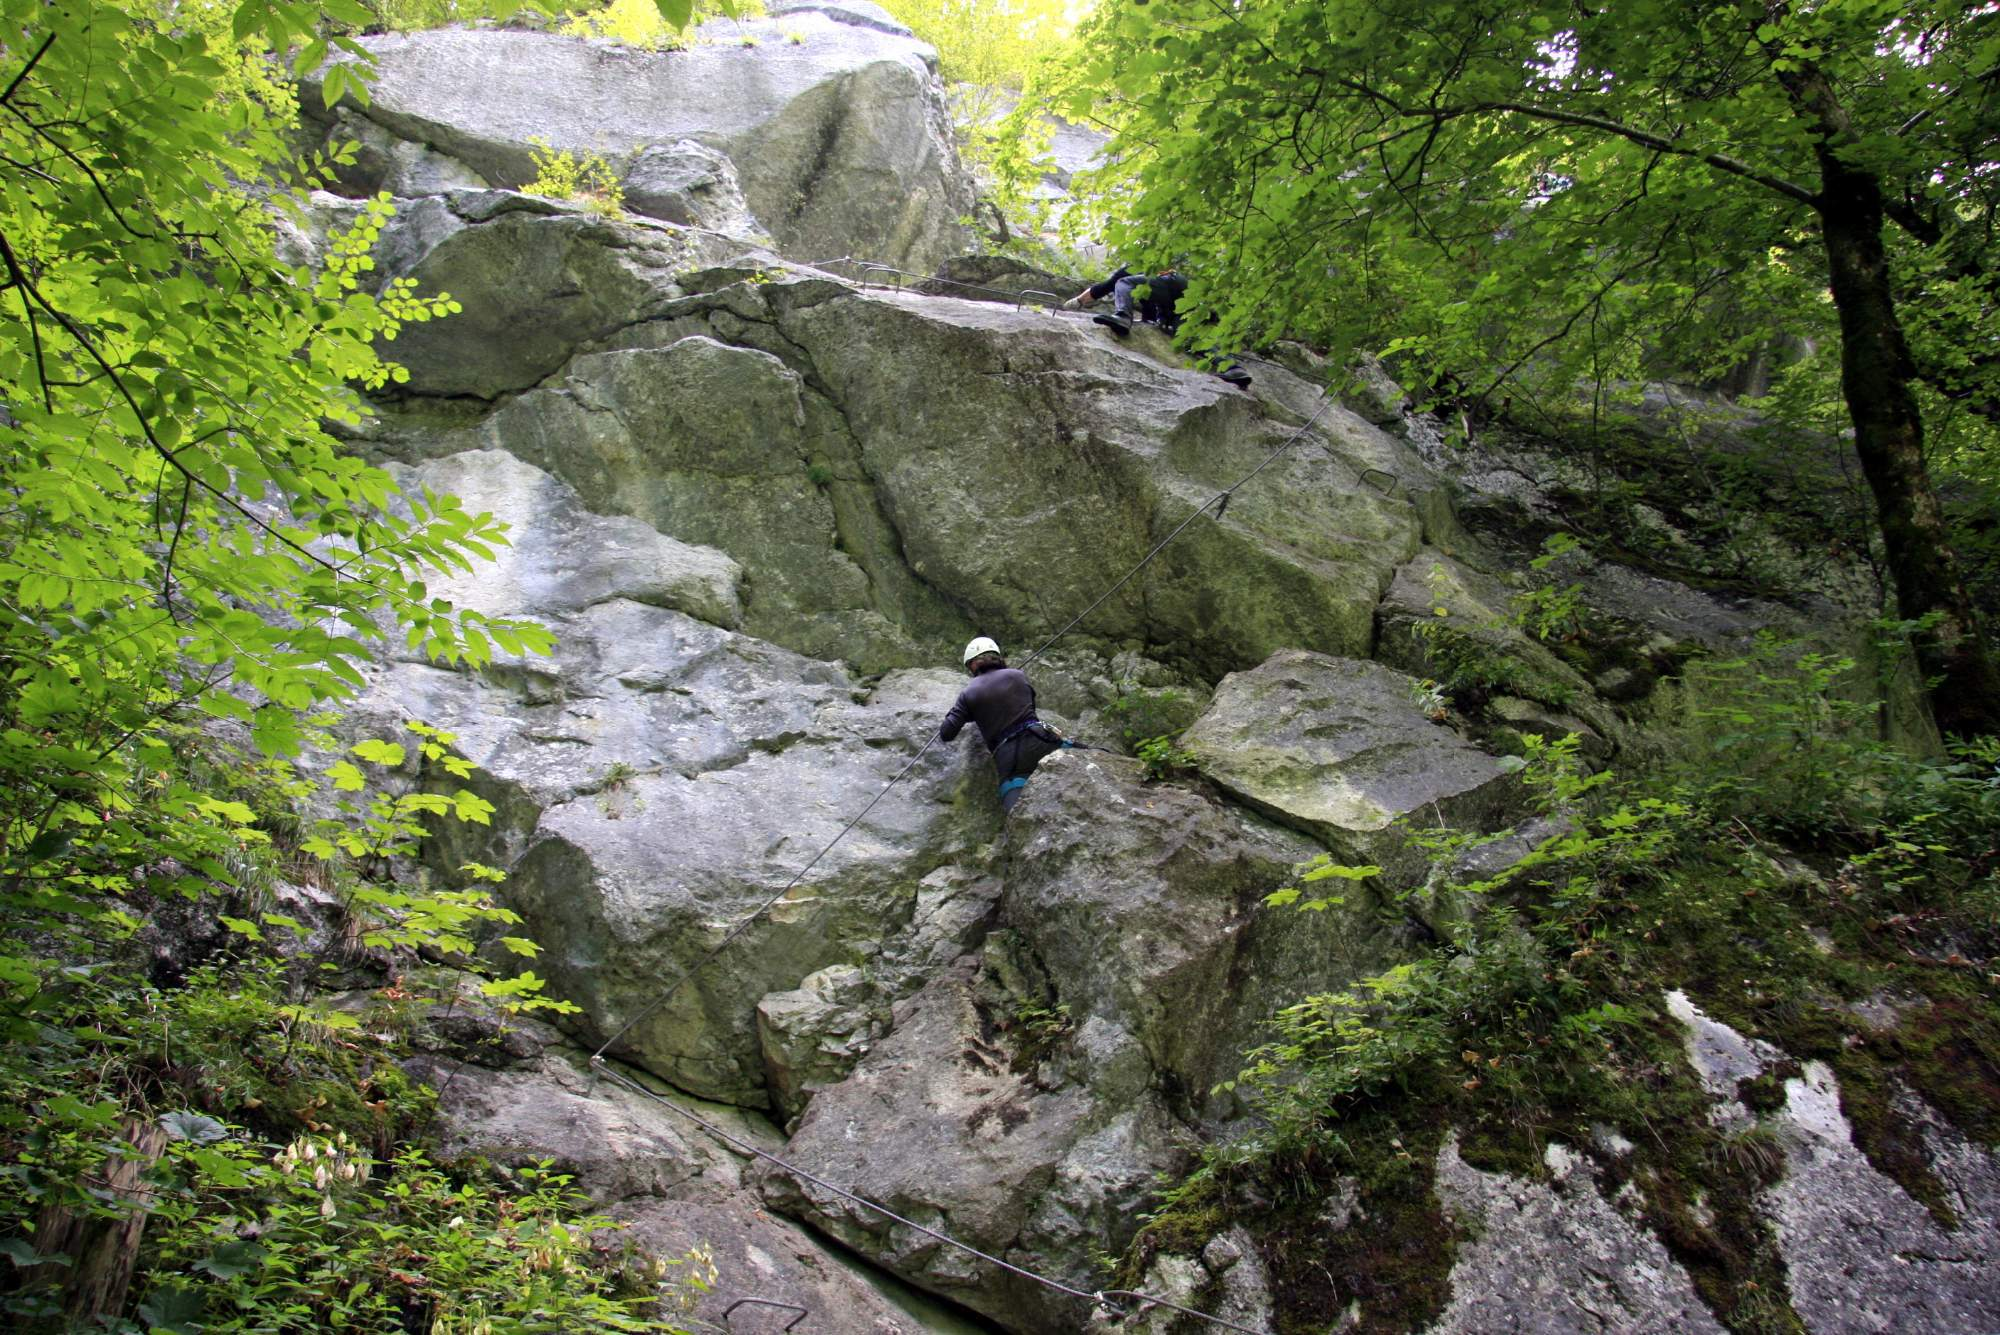 Klettersteig Weiße Gams : Wilde gams klettersteig youtube